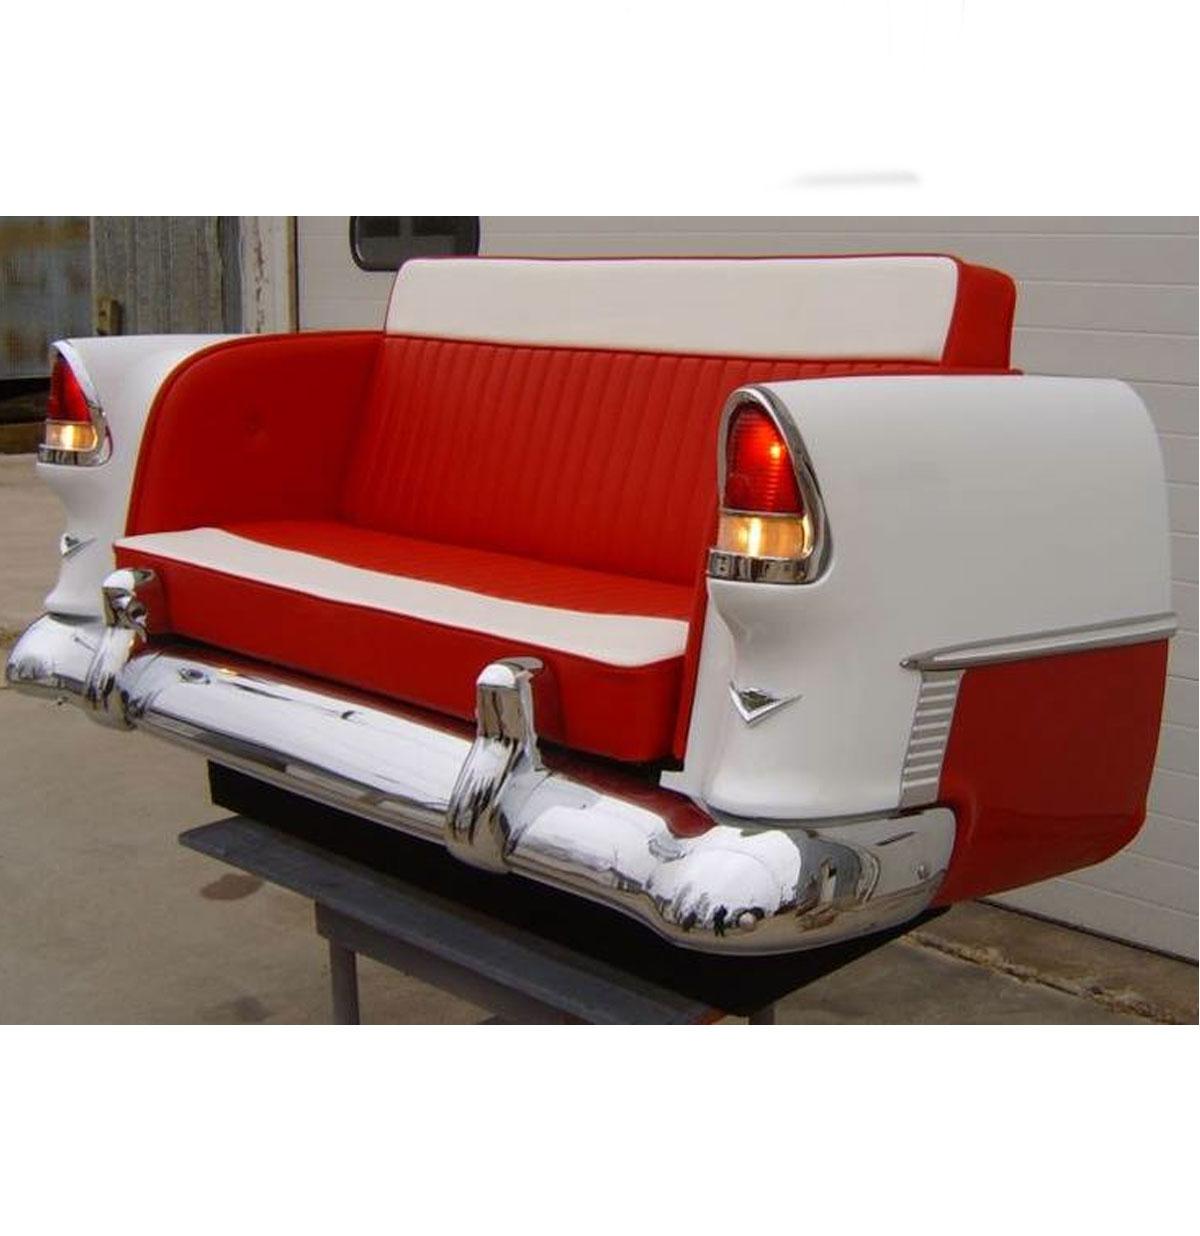 1950's Chevy Bank - Van een echte auto